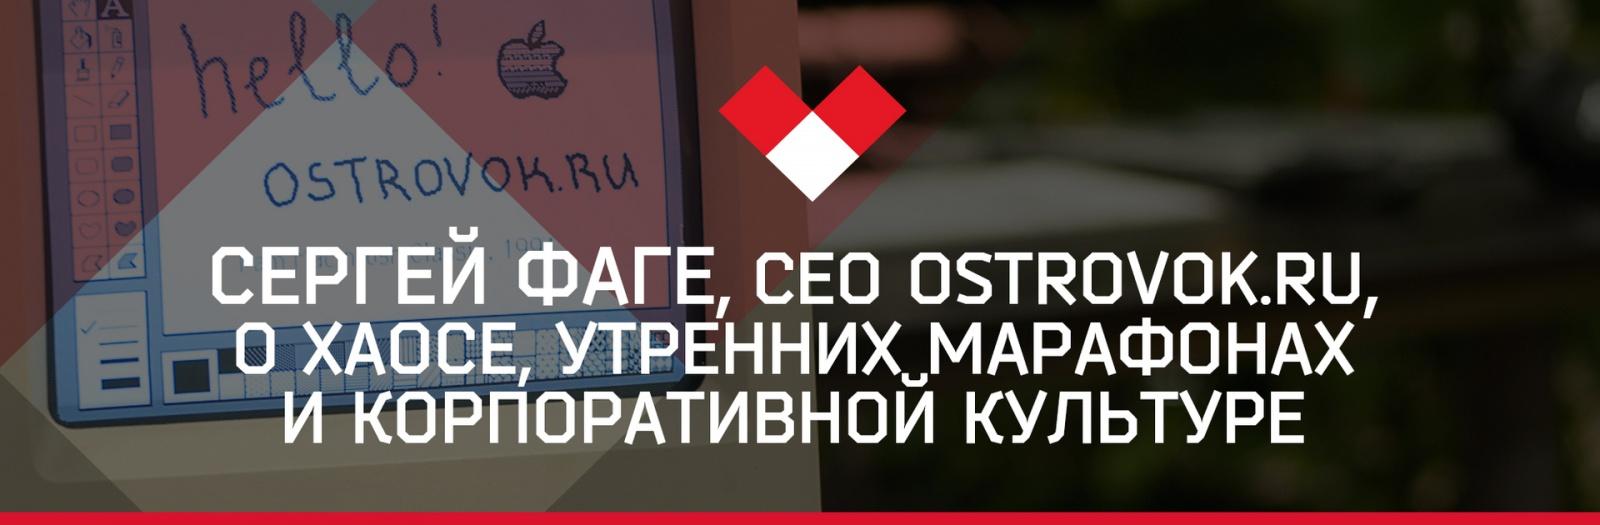 Сергей Фаге, CEO Ostrovok.ru, о хаосе, утренних марафонах и корпоративной культуре - 1